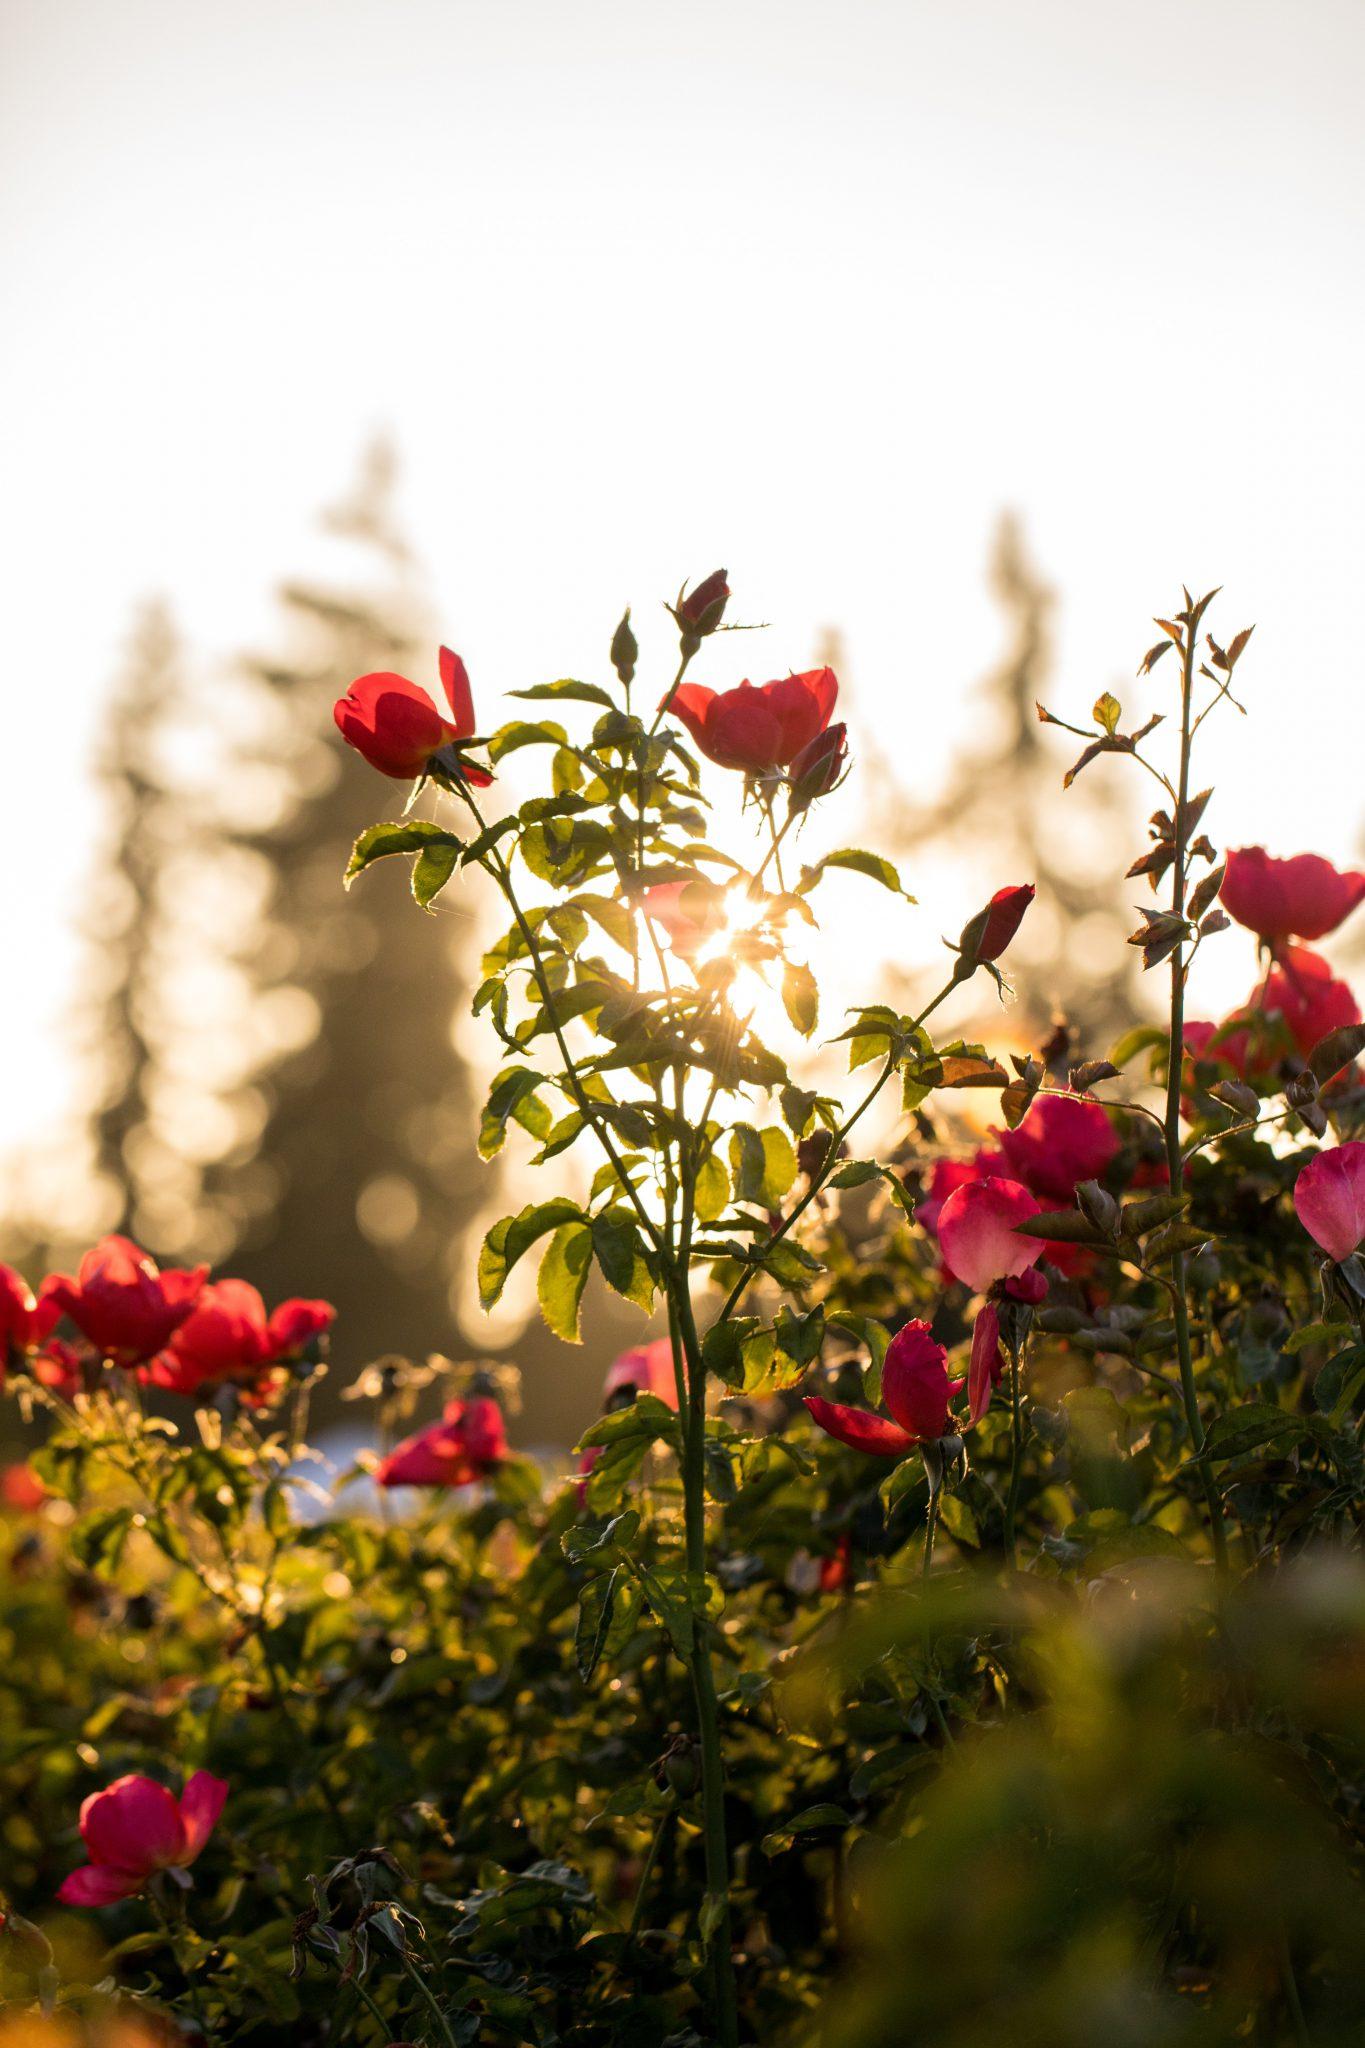 Nếu đã có sẵn hoa trong vườn bạn chỉ cần chọn những bông còn nguyên, ít hư hỏng